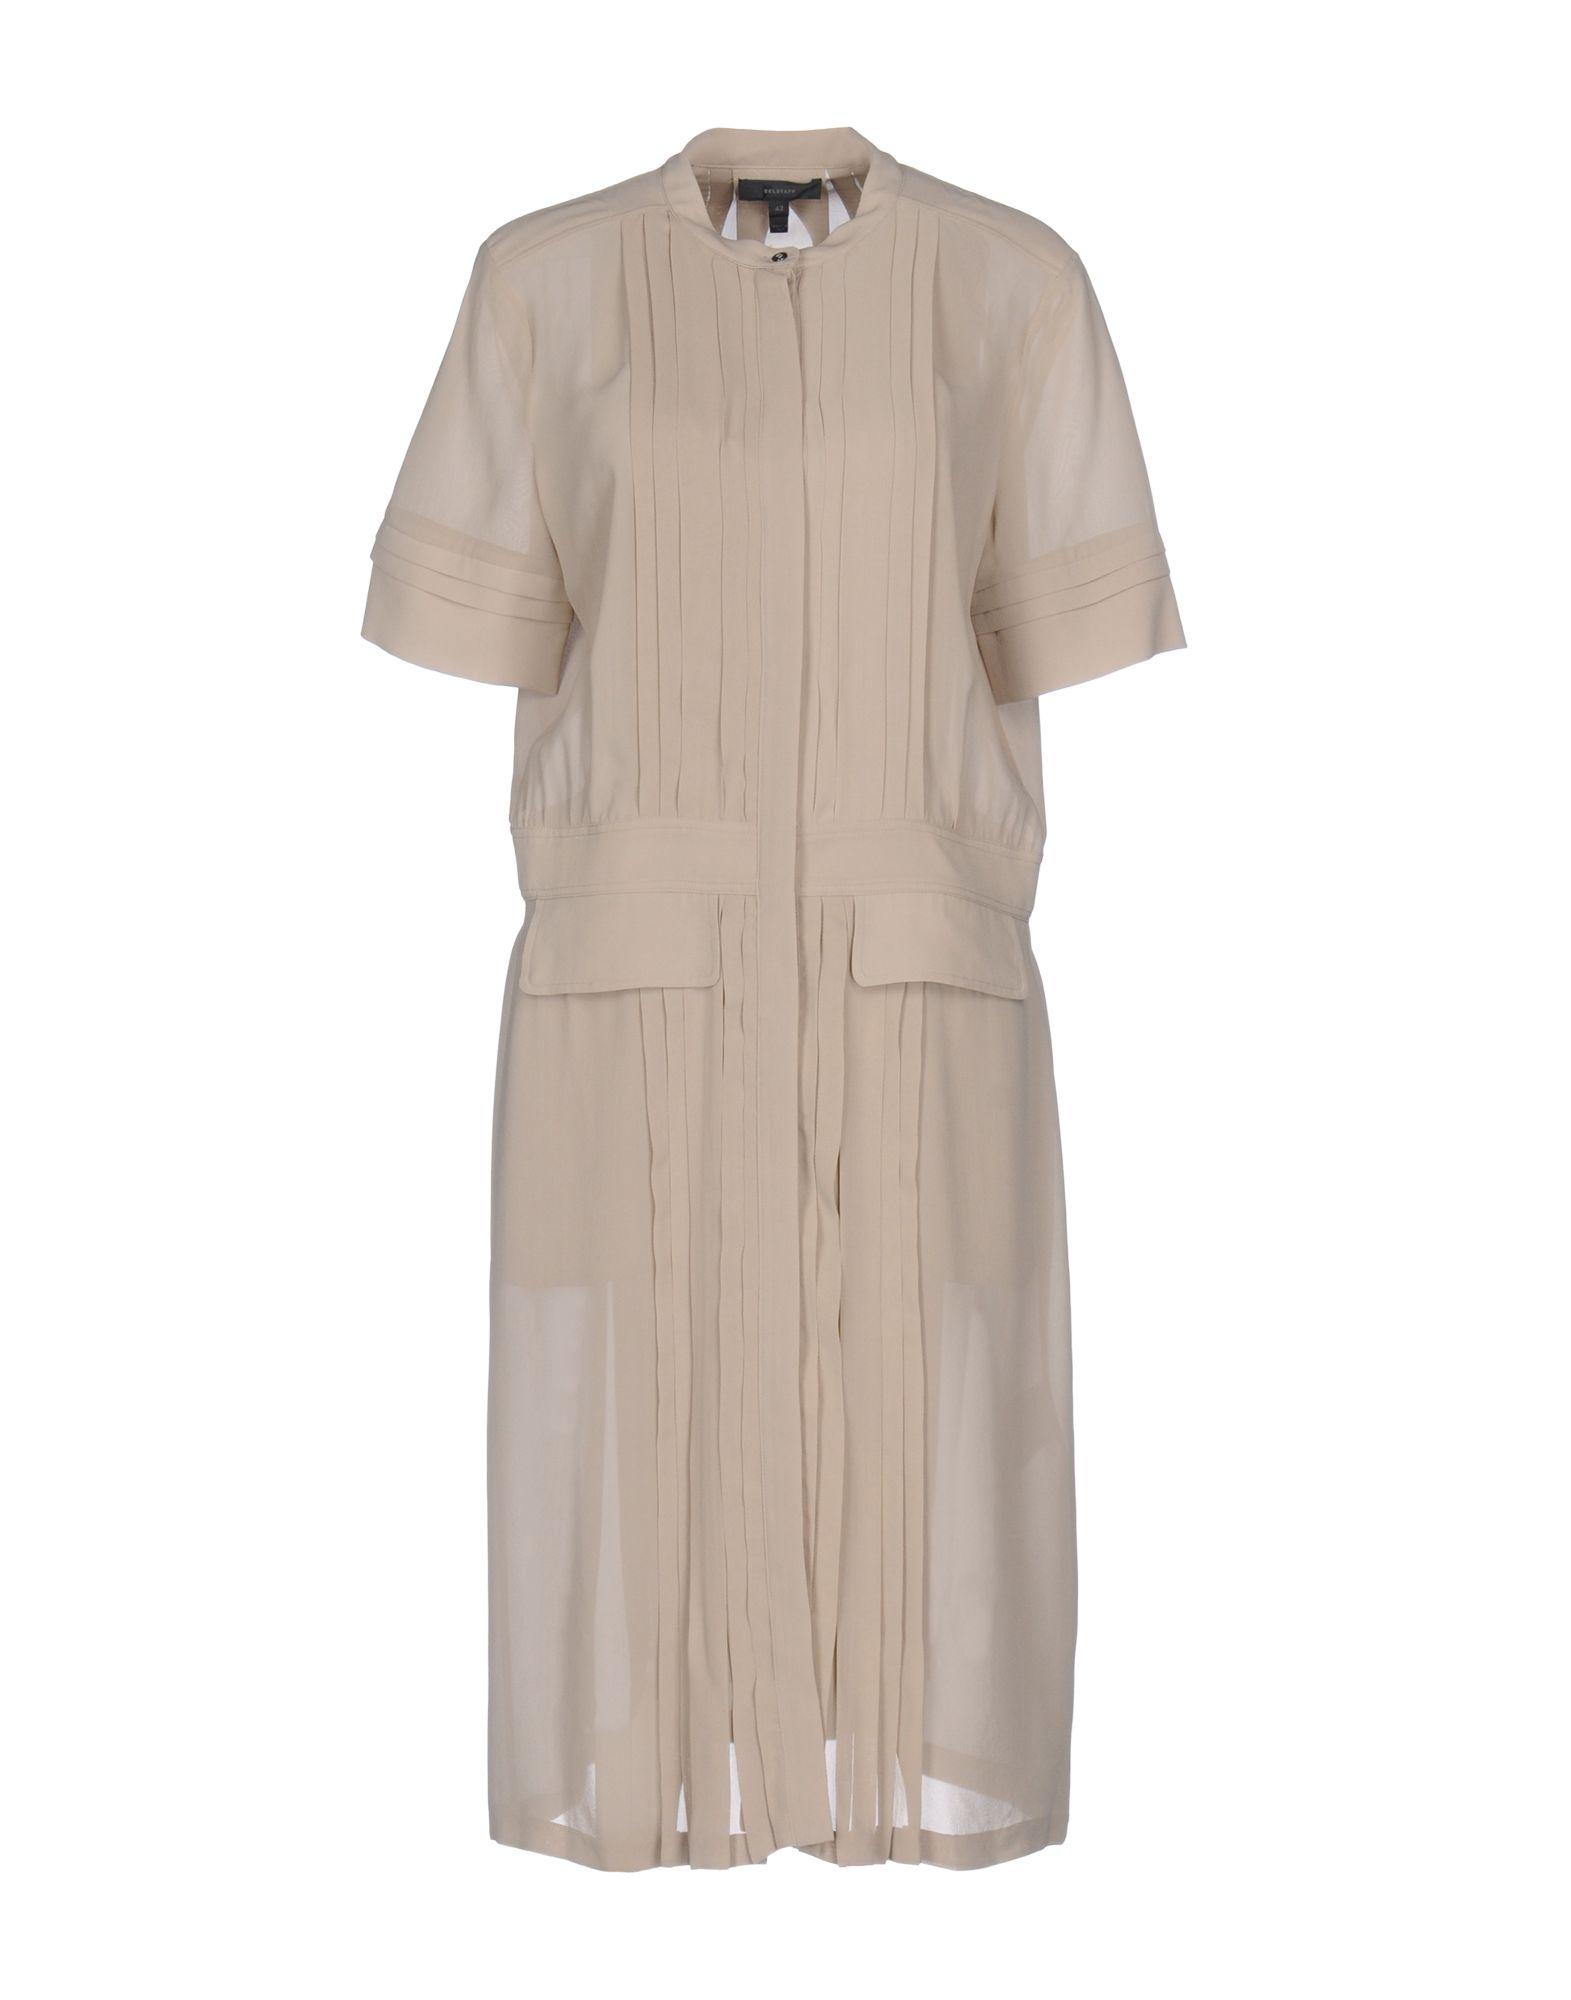 BELSTAFF Платье до колена belstaff bromley jakke sf3868 [32098] nok 3 691 belstaff utløp belstaffoutlet top